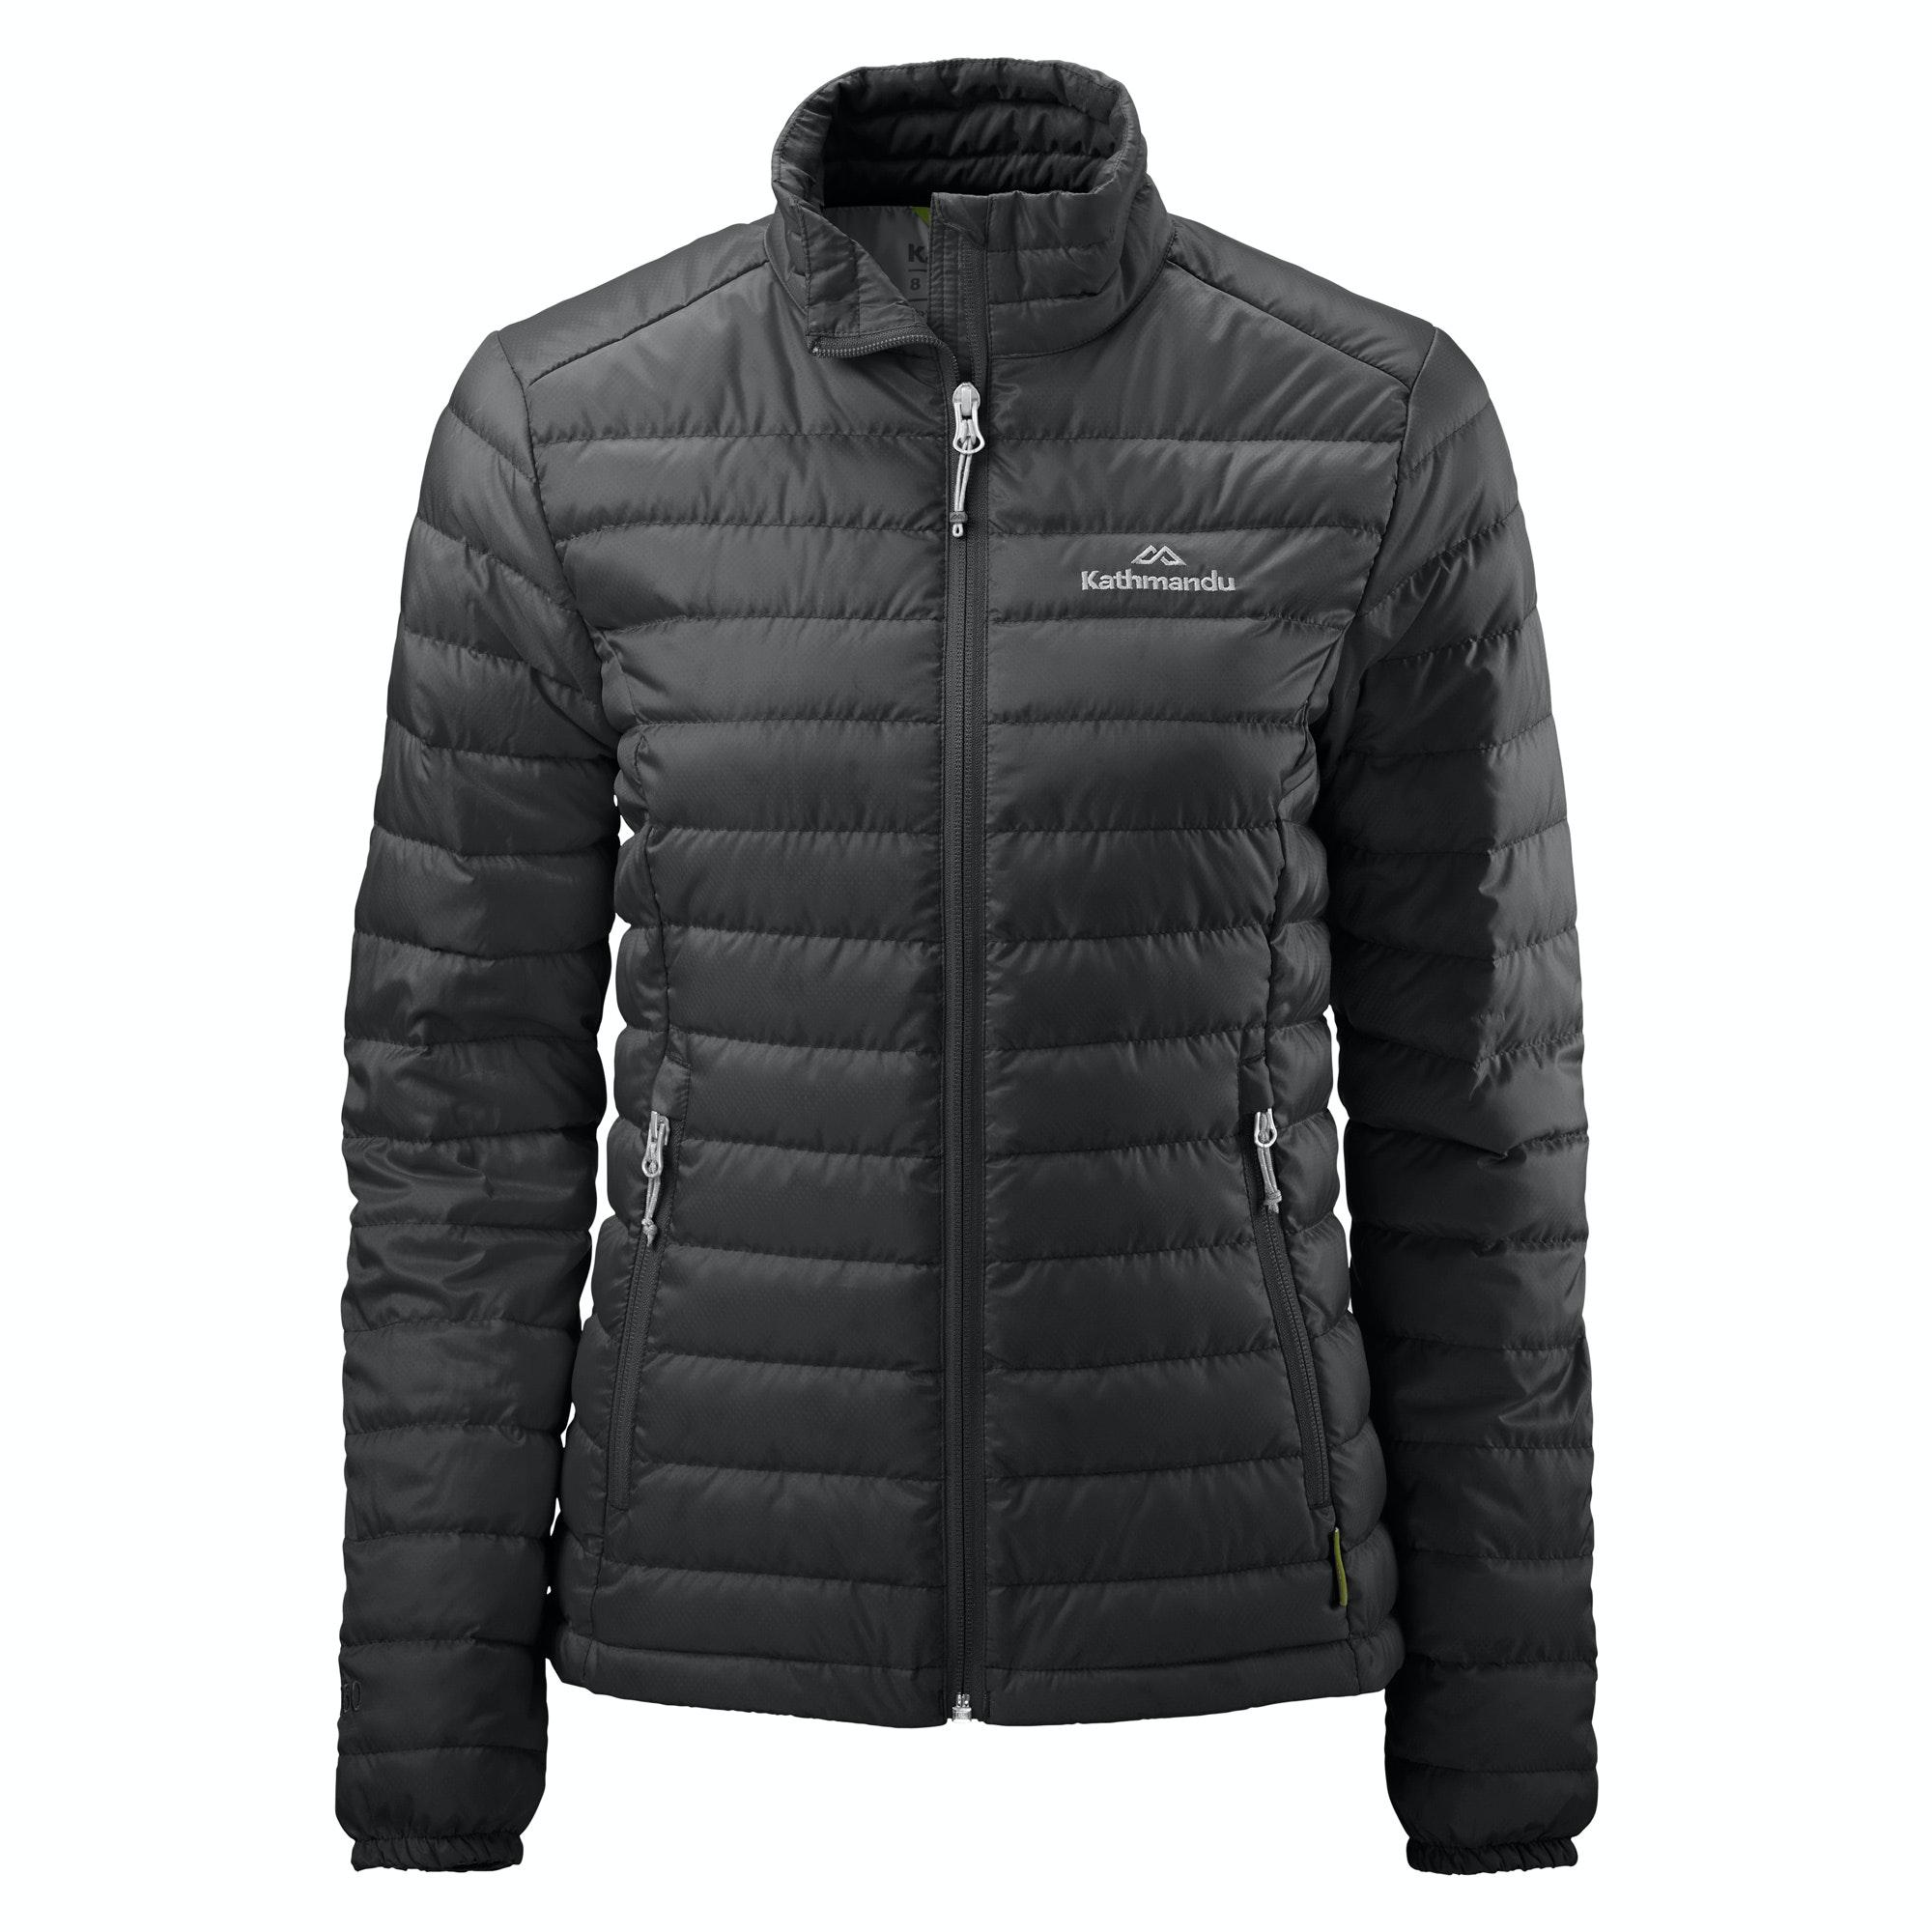 Lightweight down jackets for women